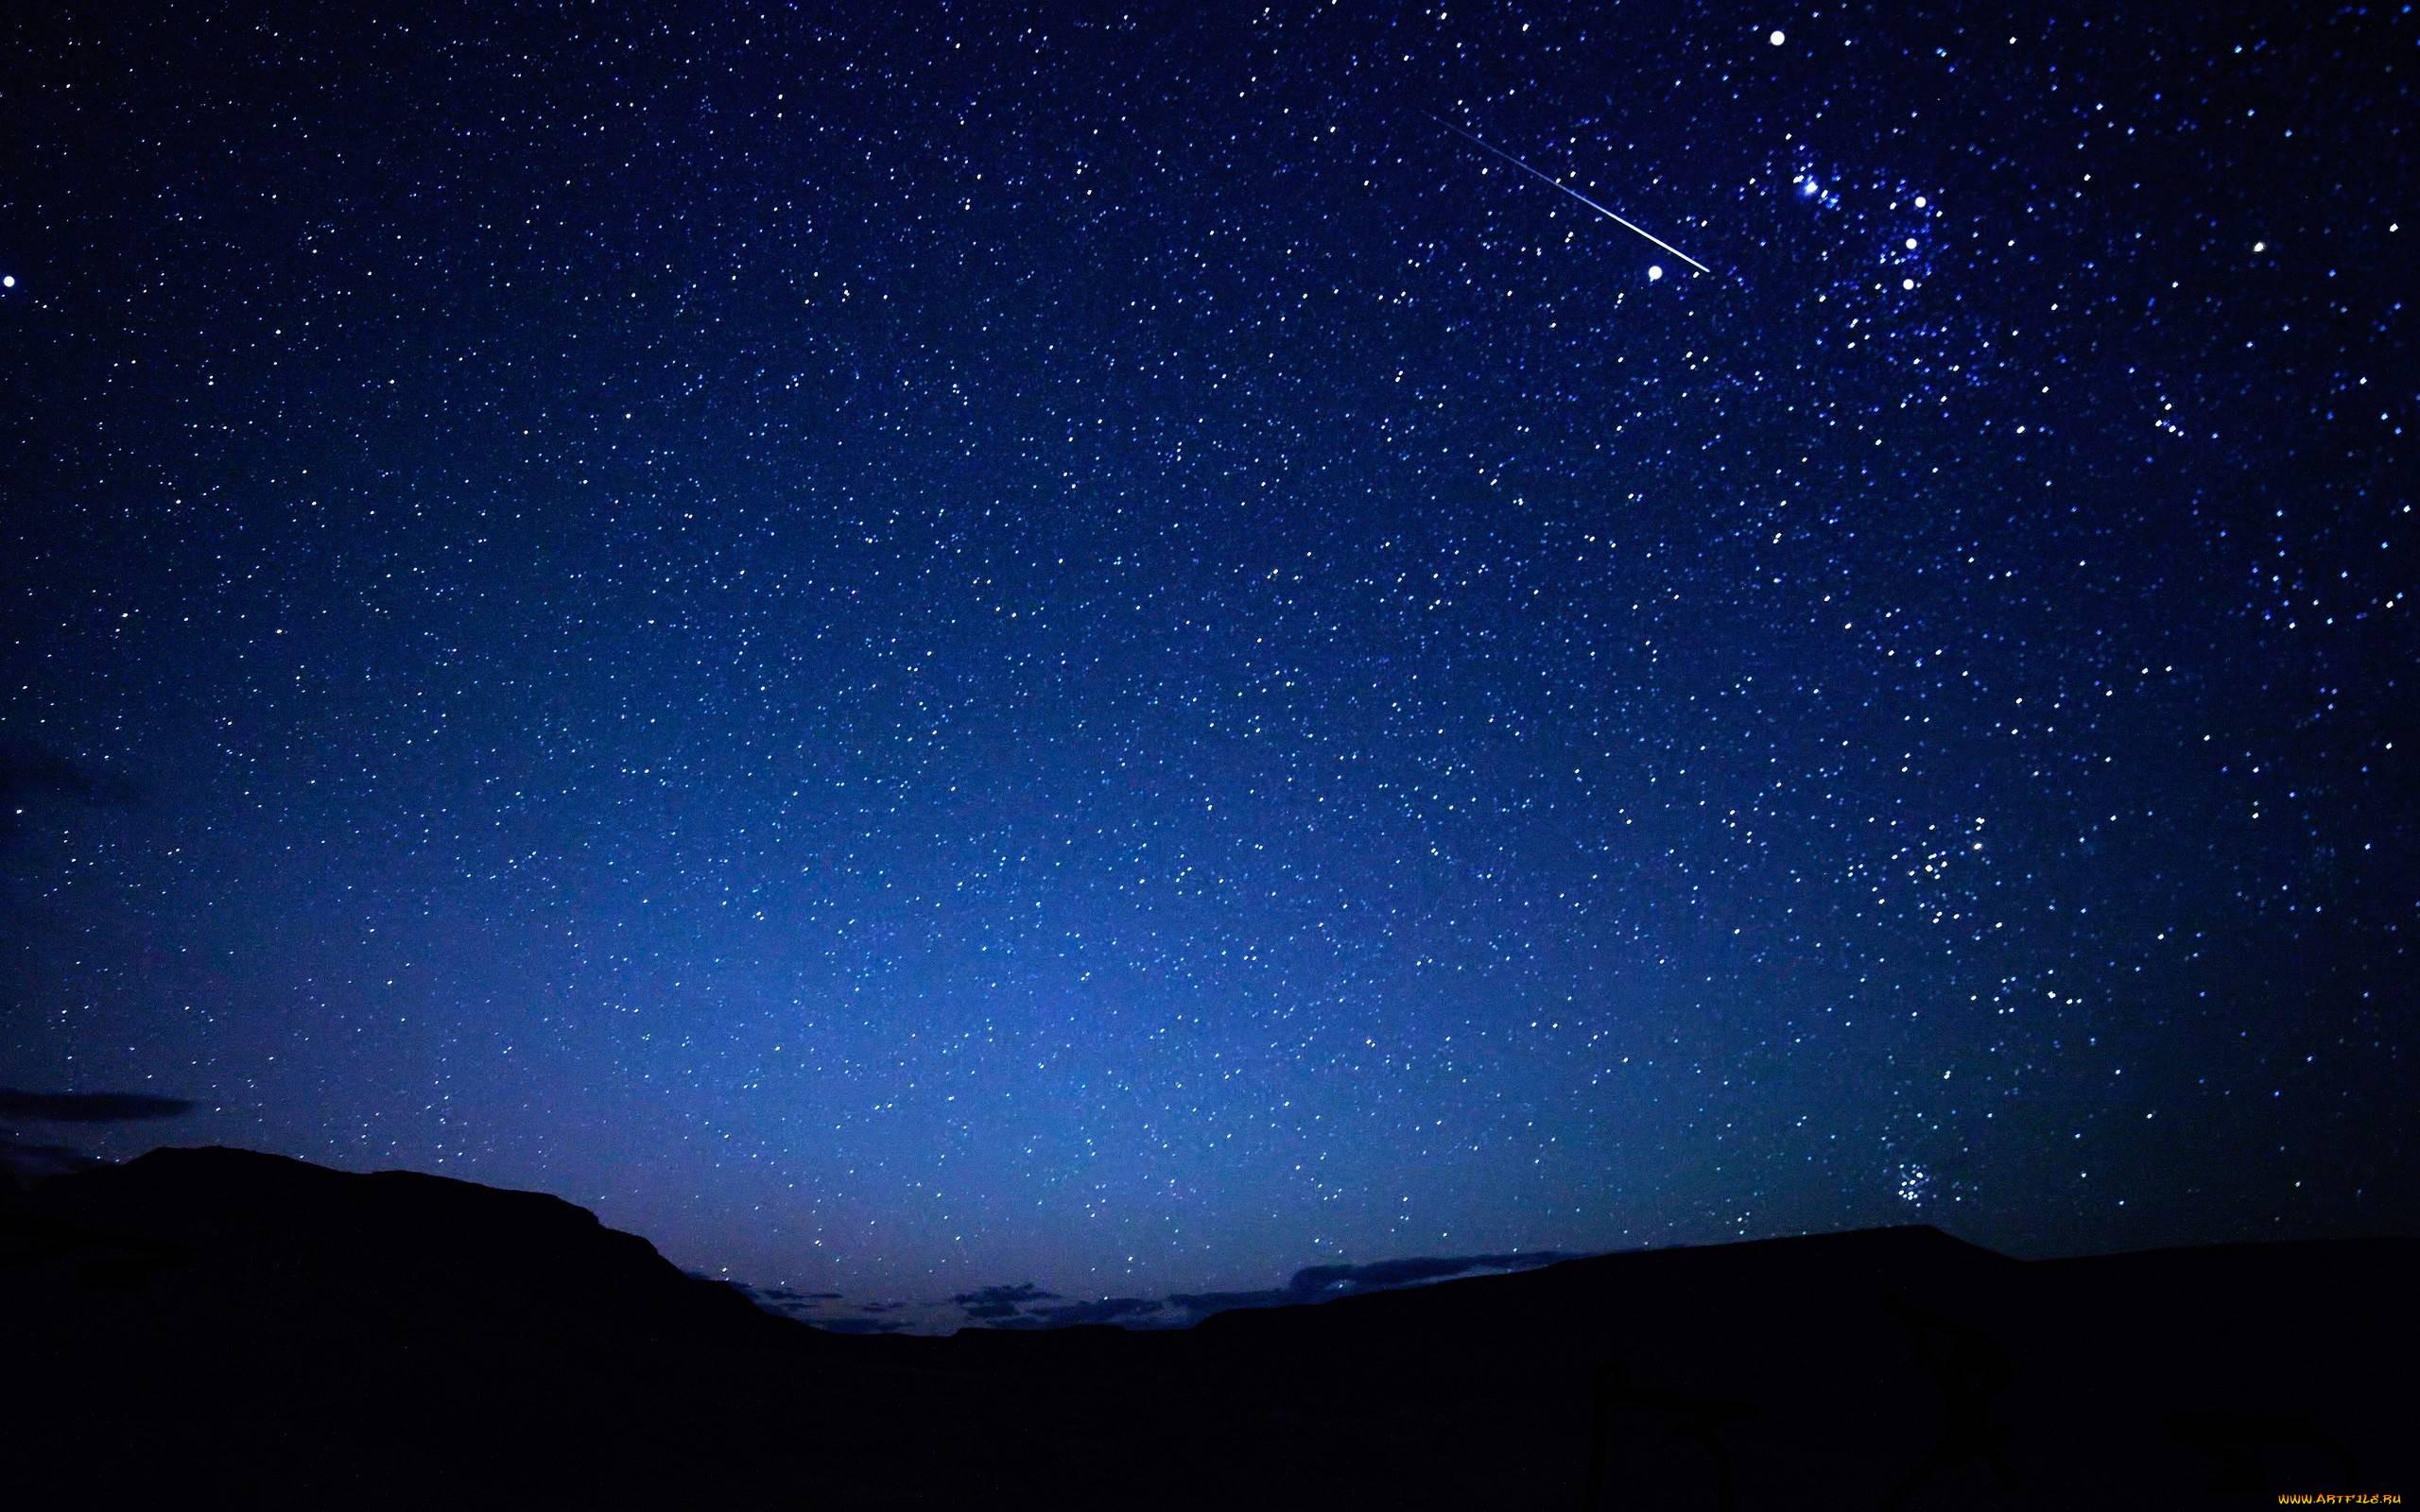 Картинки ночного неба со звездами грачева непременно